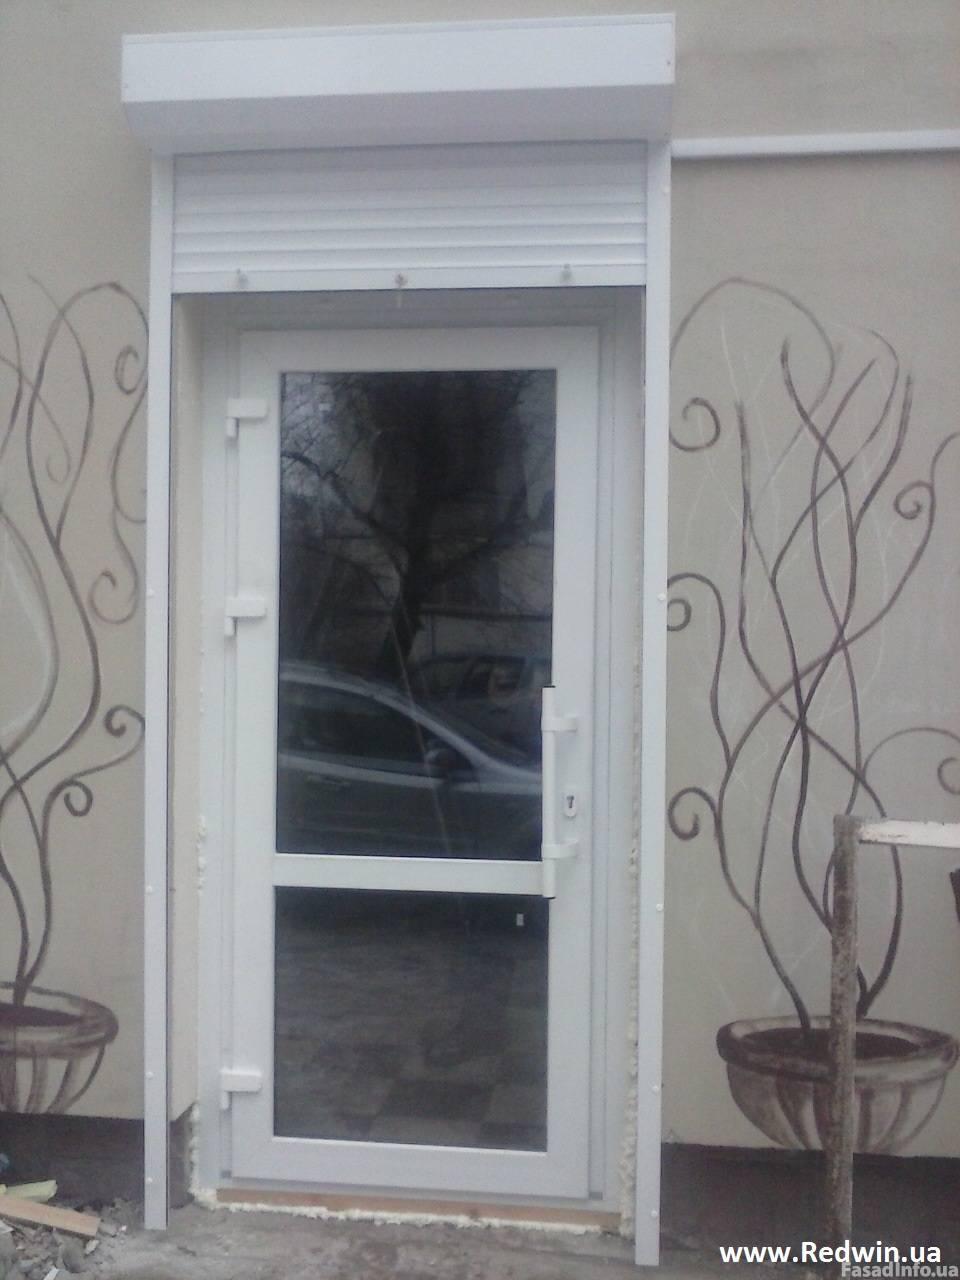 Алюминиевые окна и защитные роллеты.